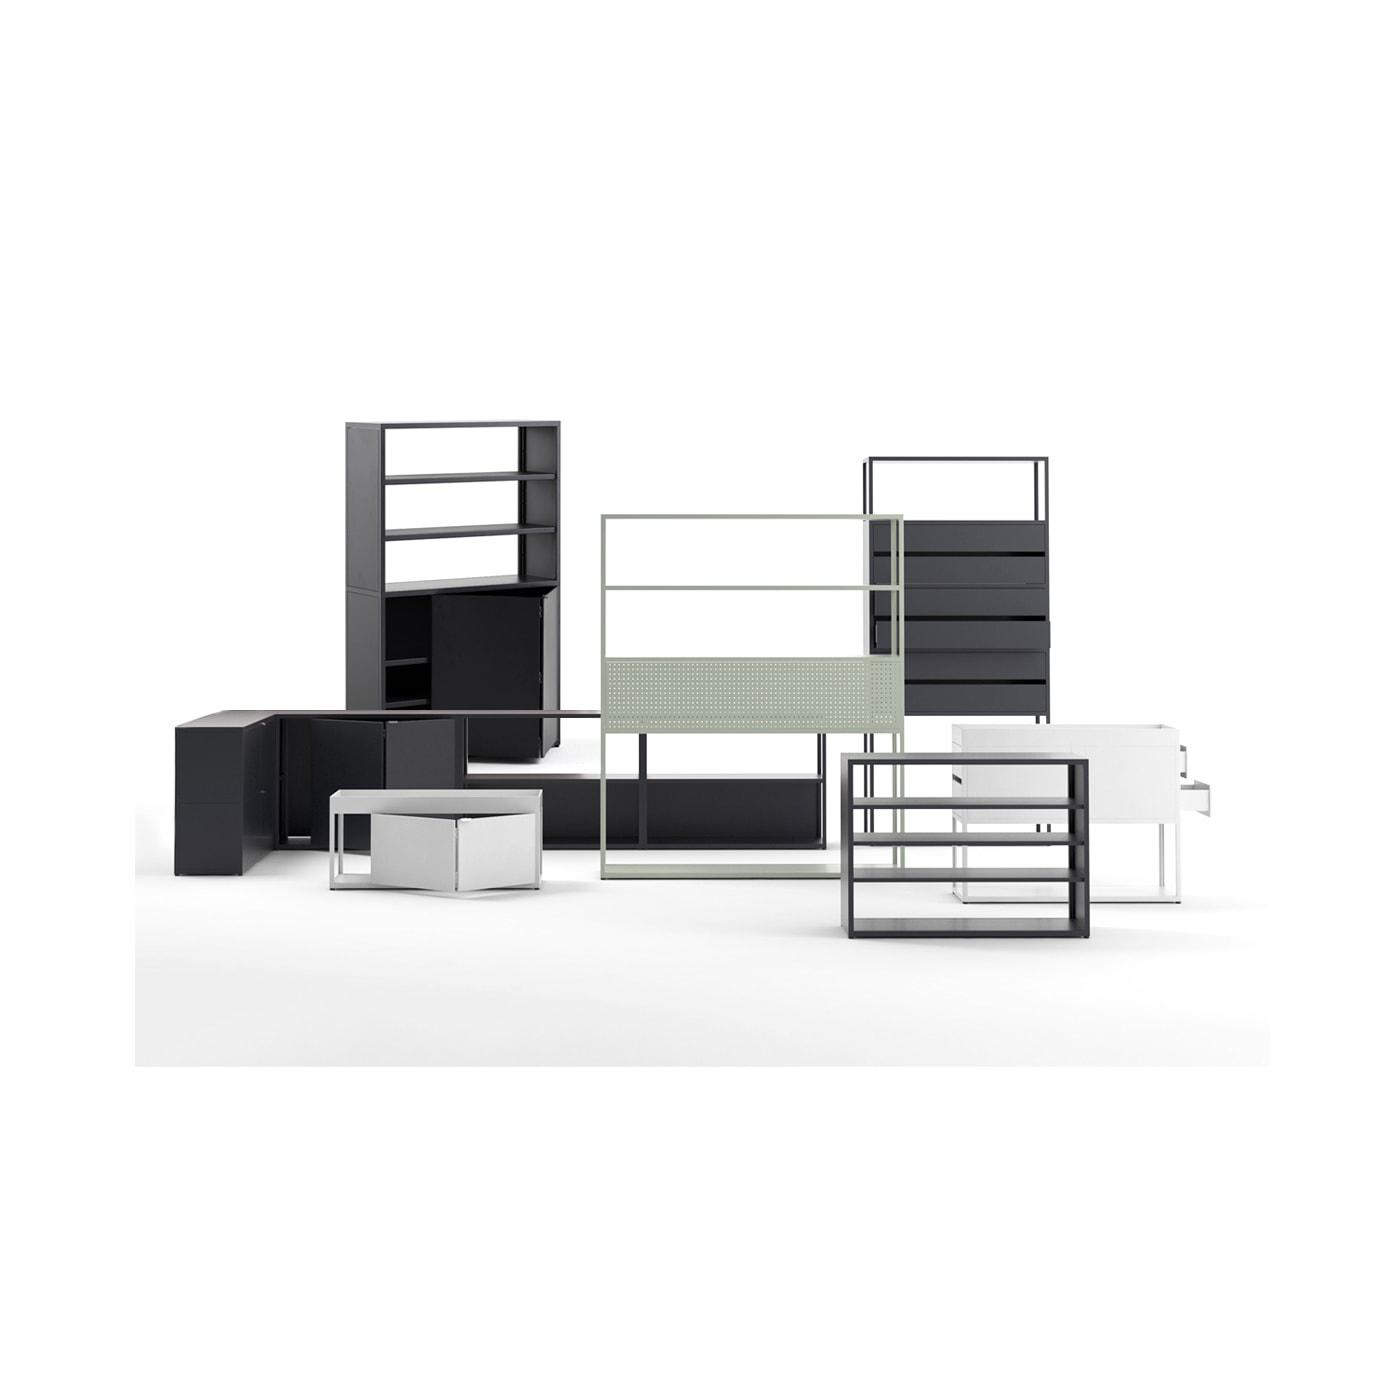 vendita online HAY New Order sistema archiviazione modulare